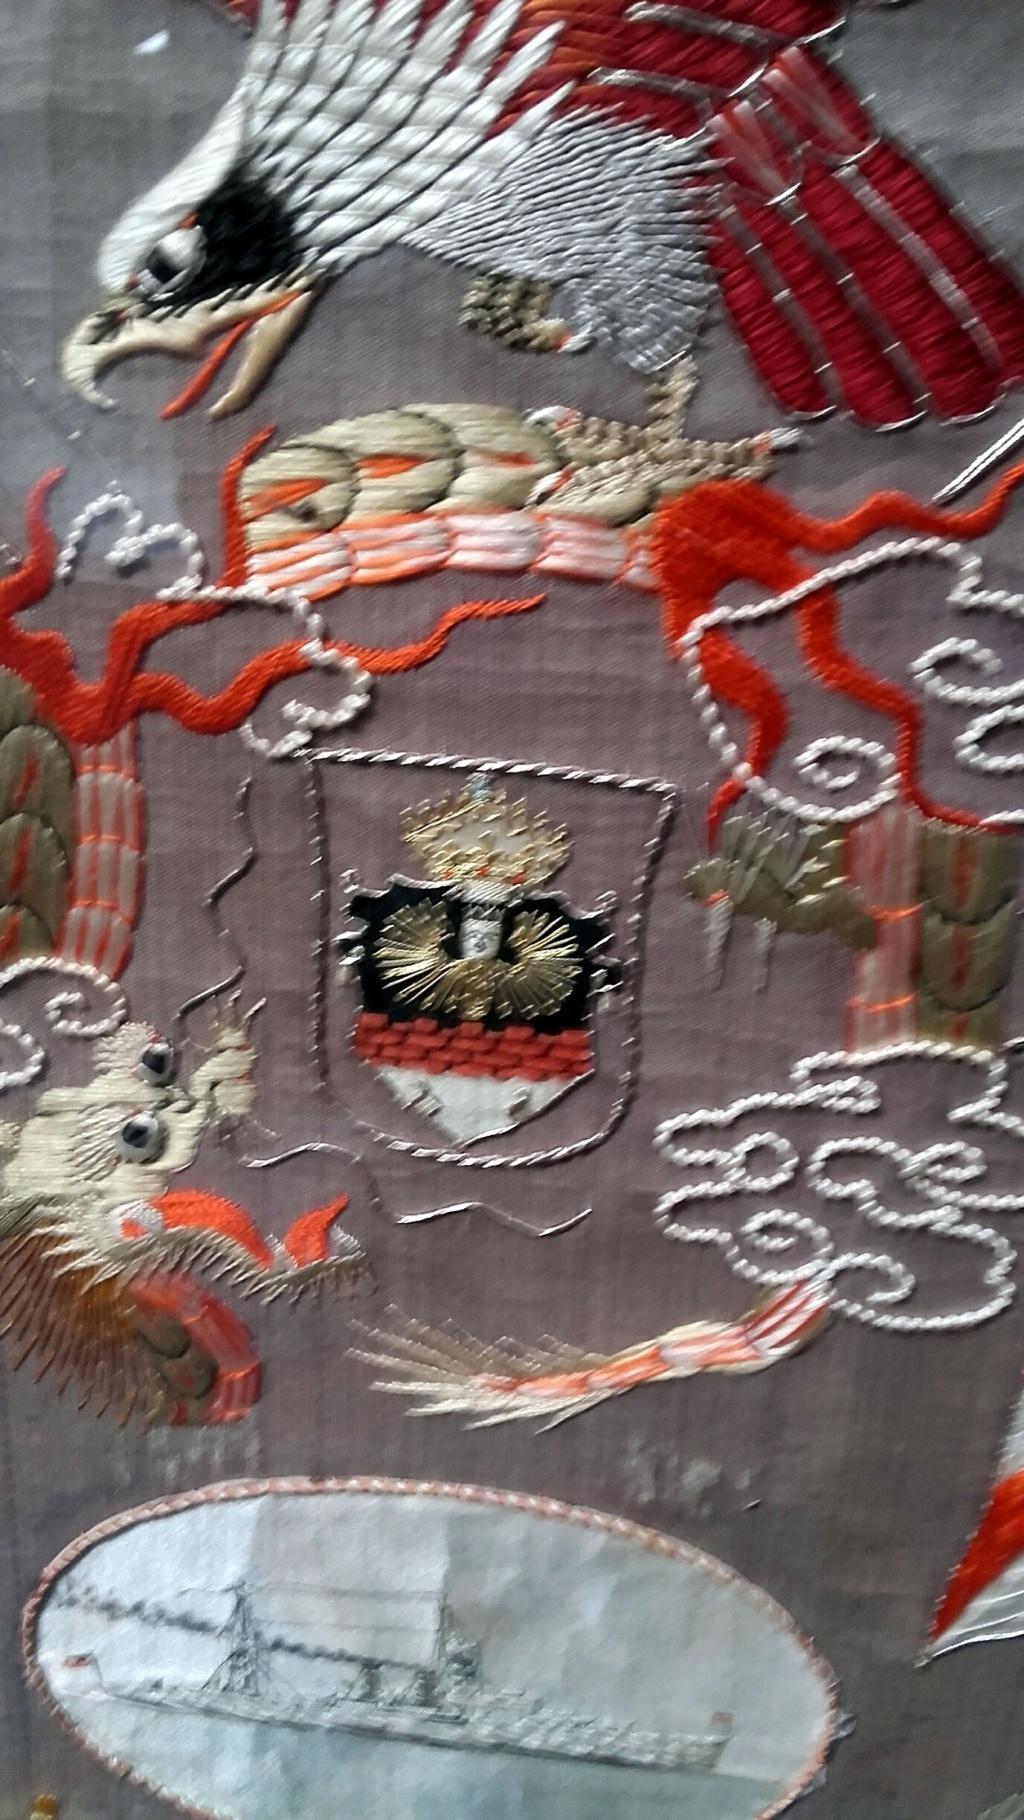 Tableau réserviste Chine et casquette enfant troupes coloniales  20200451